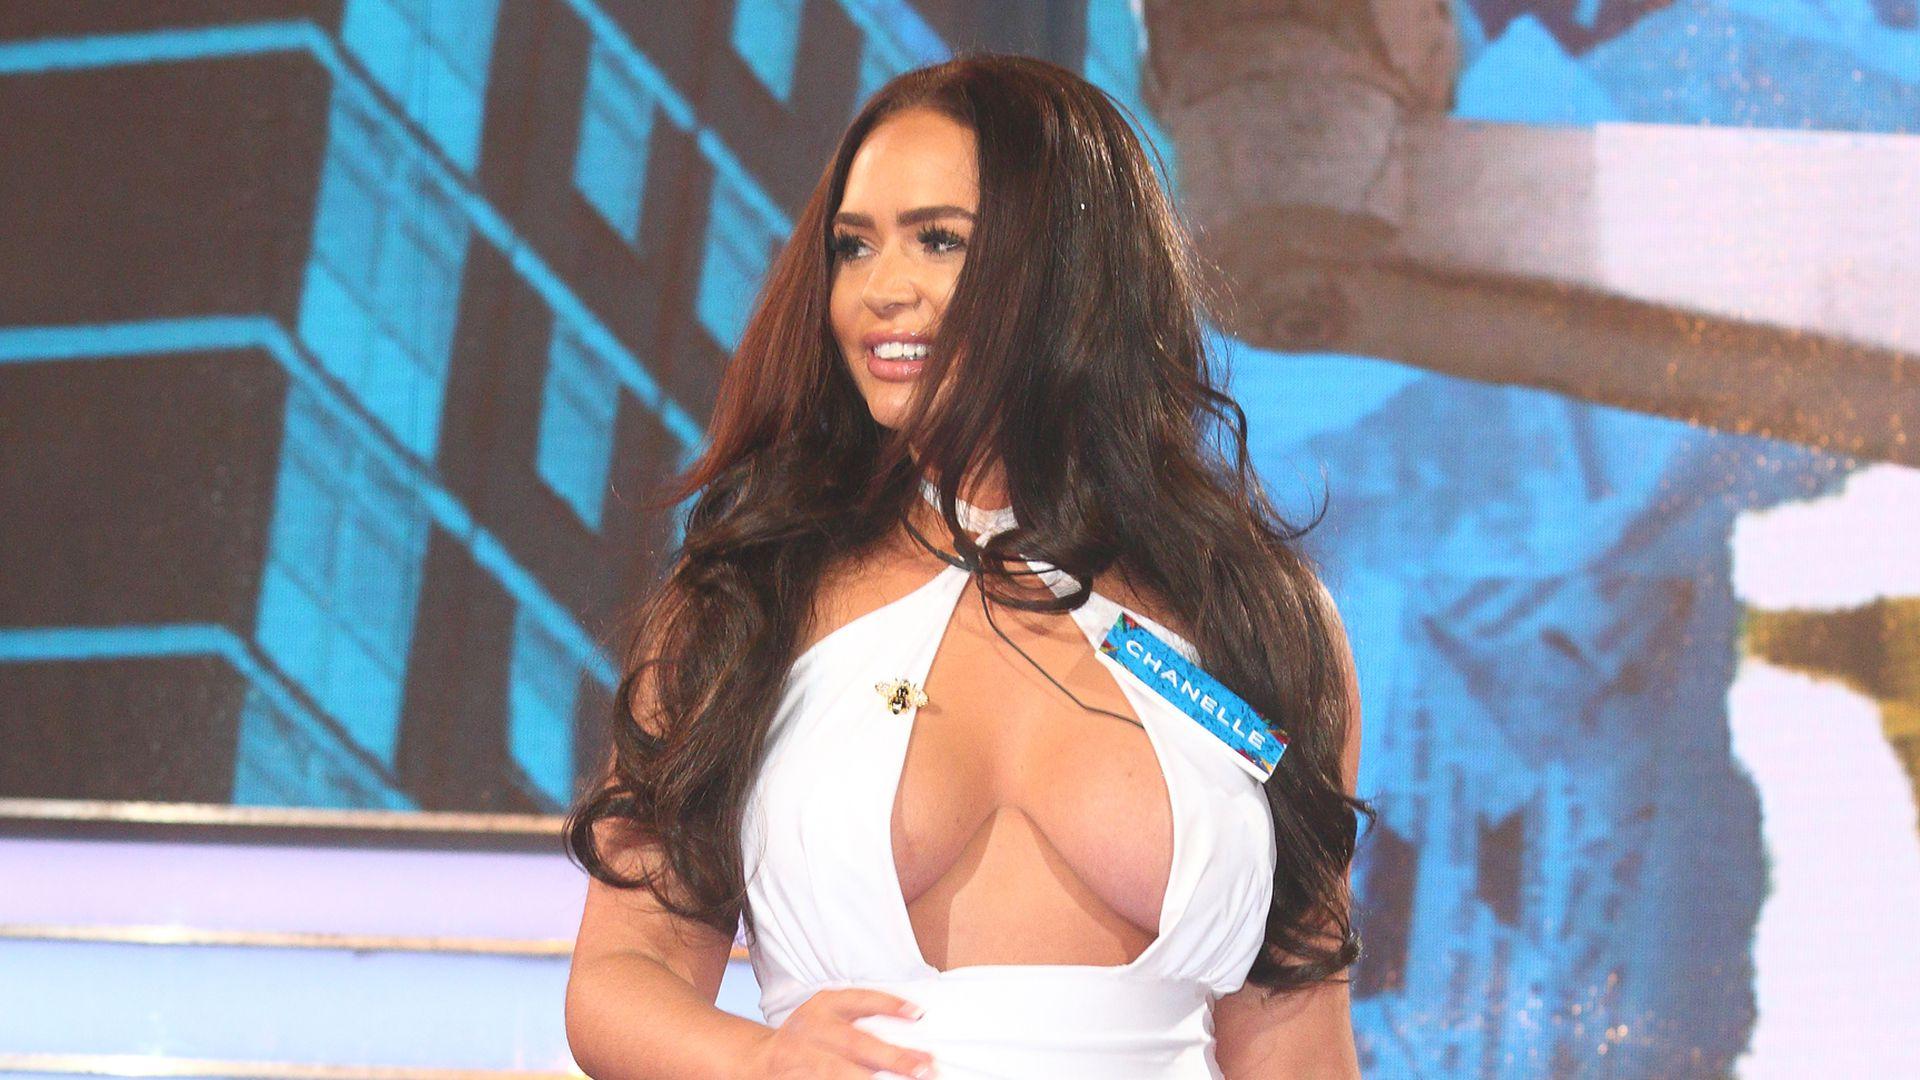 Nacktaufnahmen von Big Brother